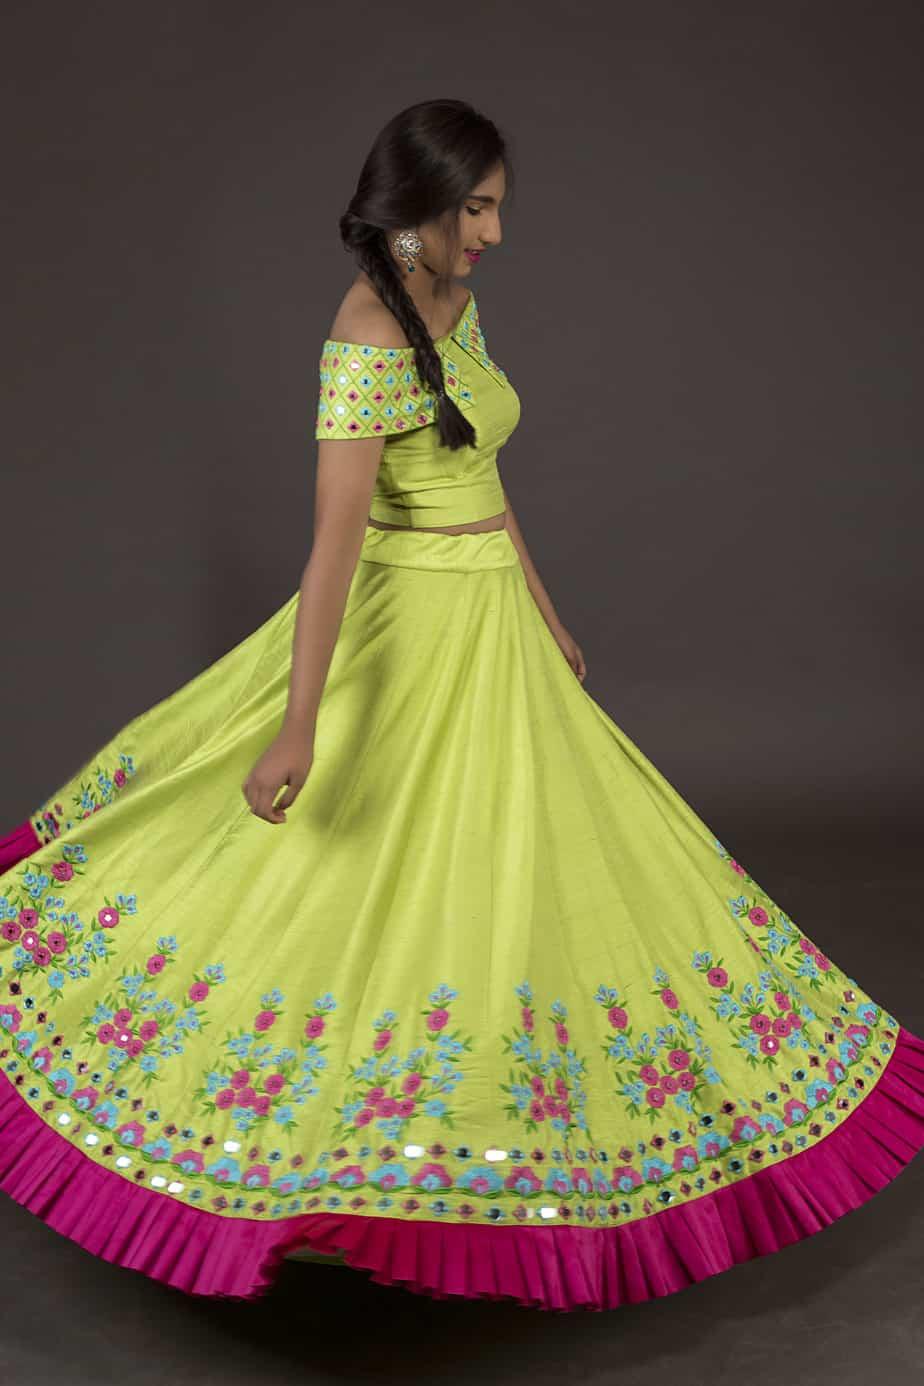 Long Skirt And Crop Top Sets By Kanakadhara Designs